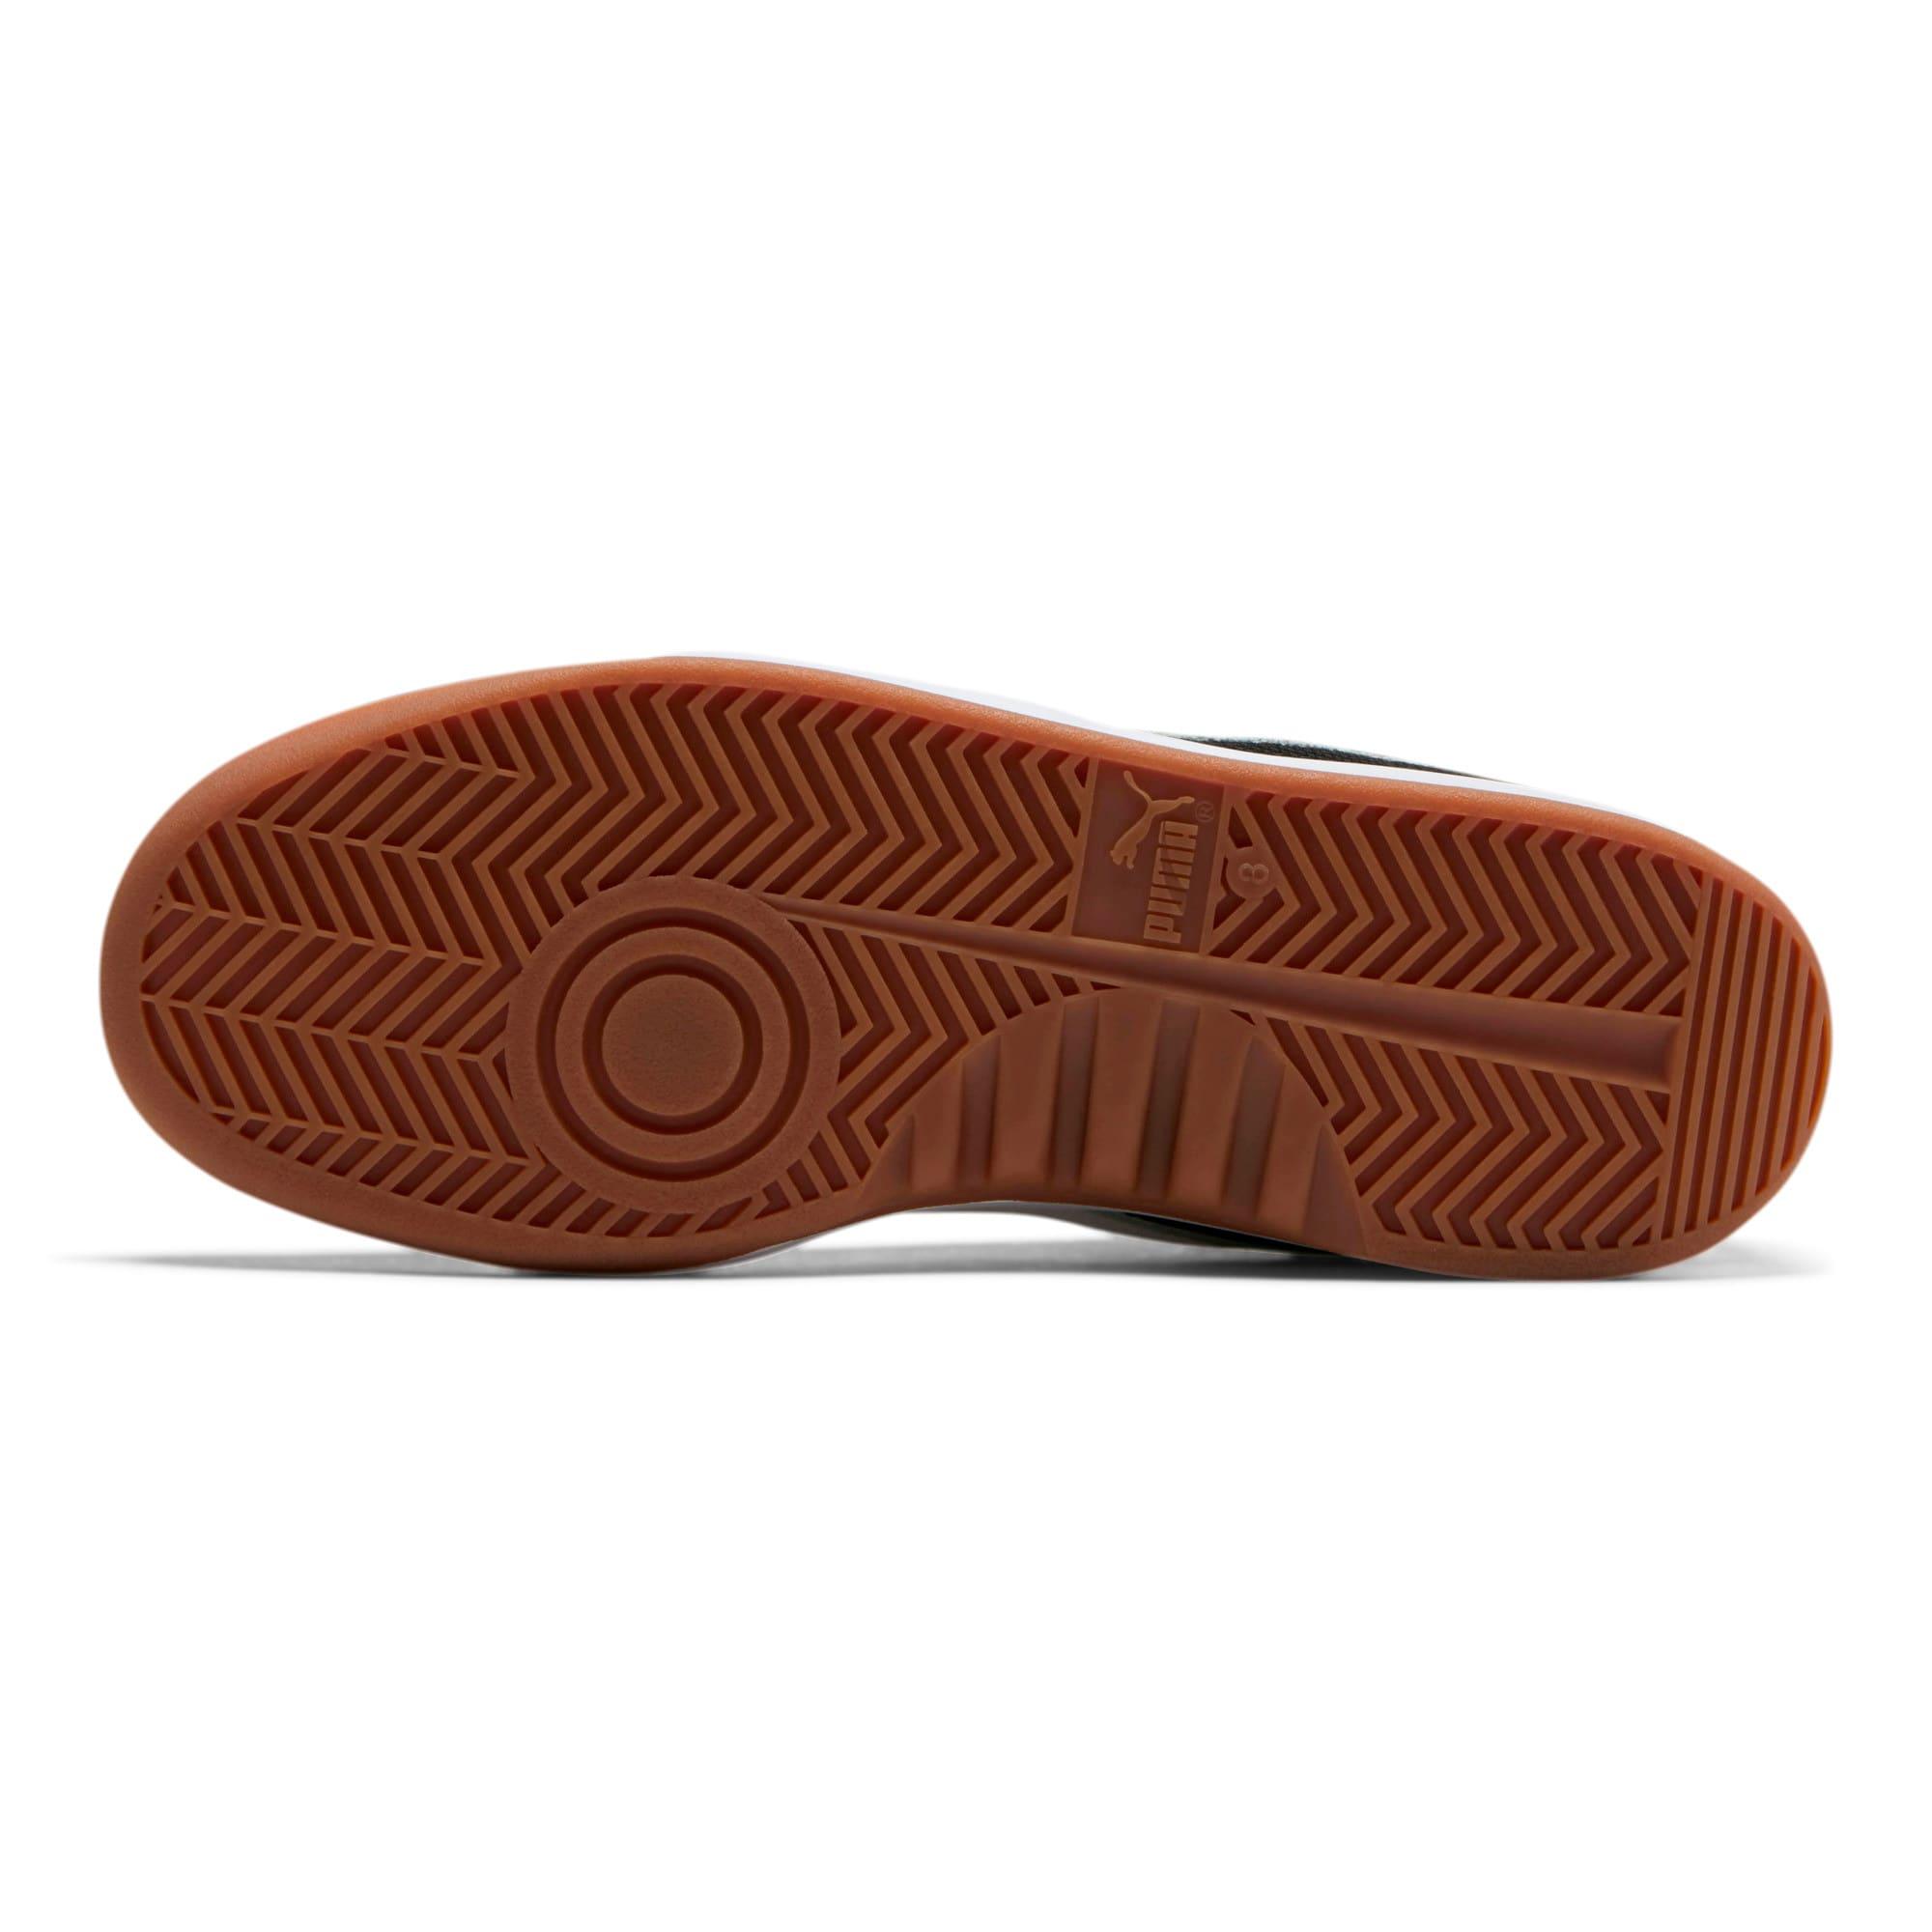 Miniatura 3 de Zapatos deportivosCalifornia Casual, Puma Black-Puma White, mediano